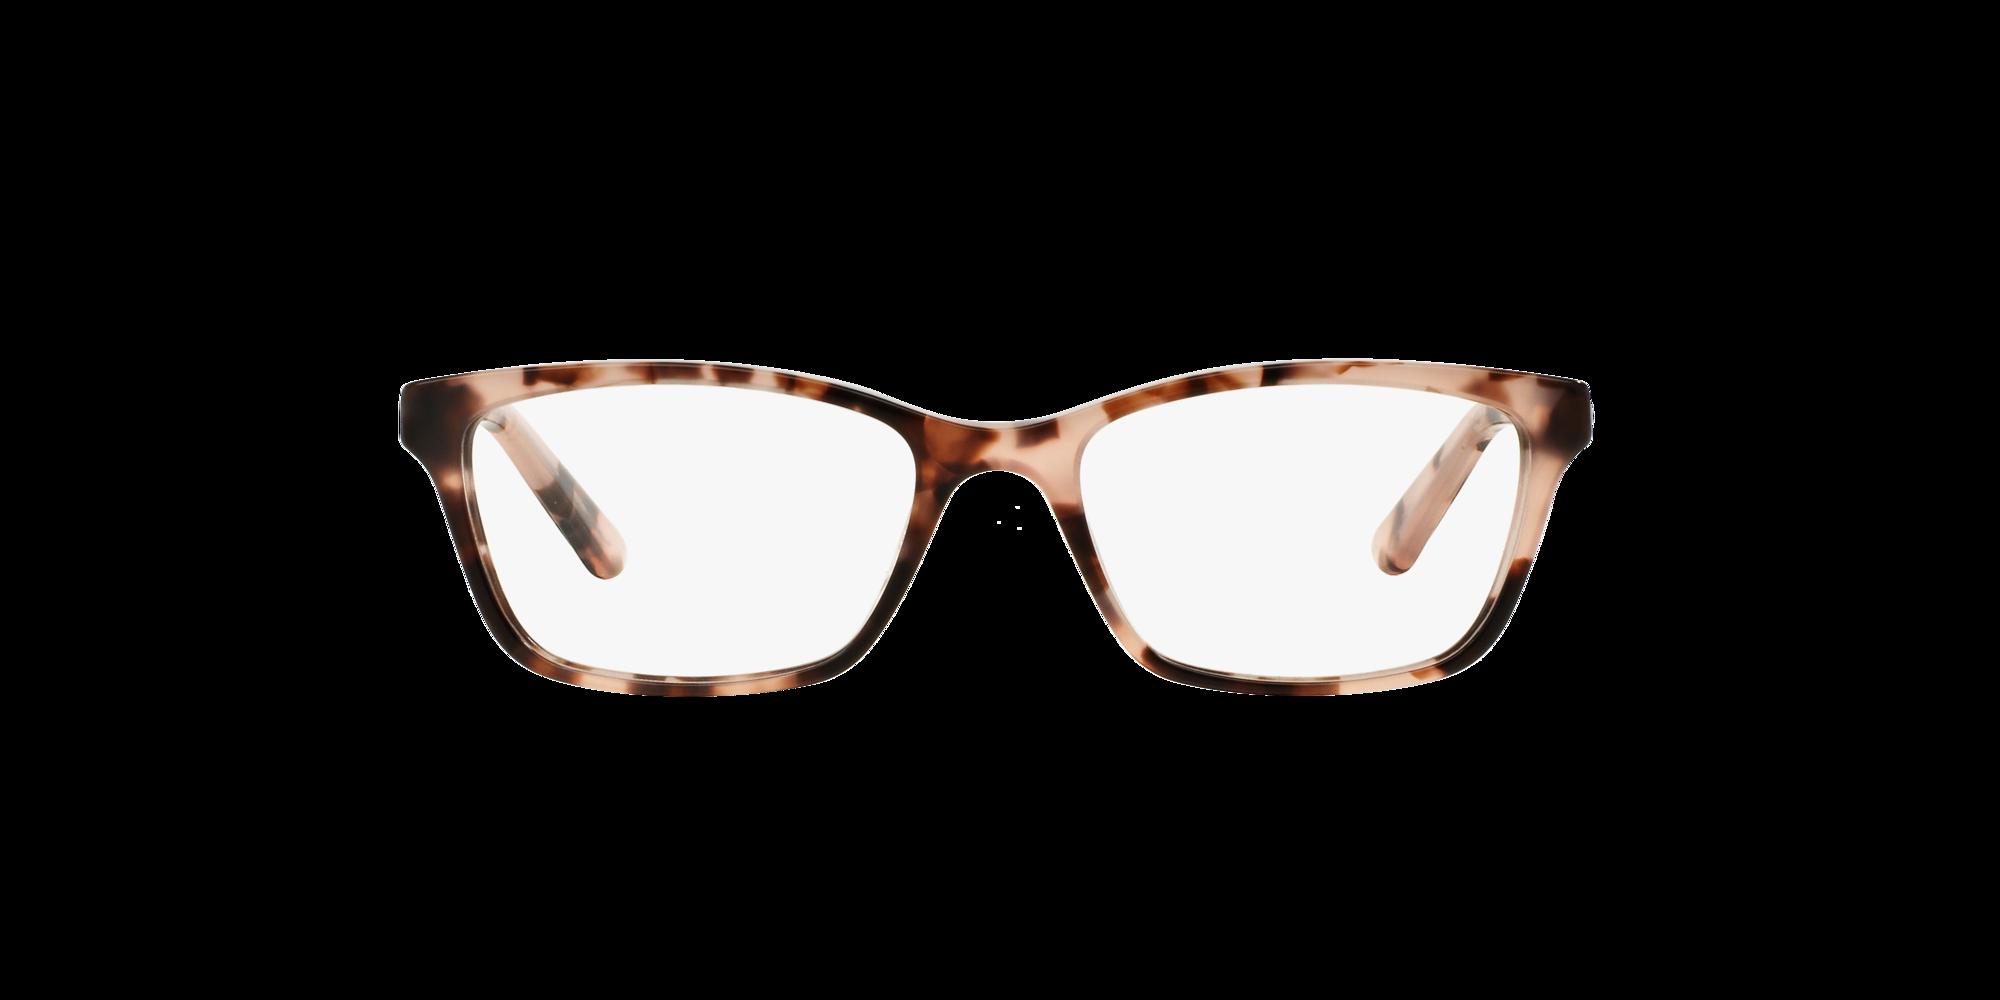 Imagen para RA7044 de LensCrafters |  Espejuelos, espejuelos graduados en línea, gafas